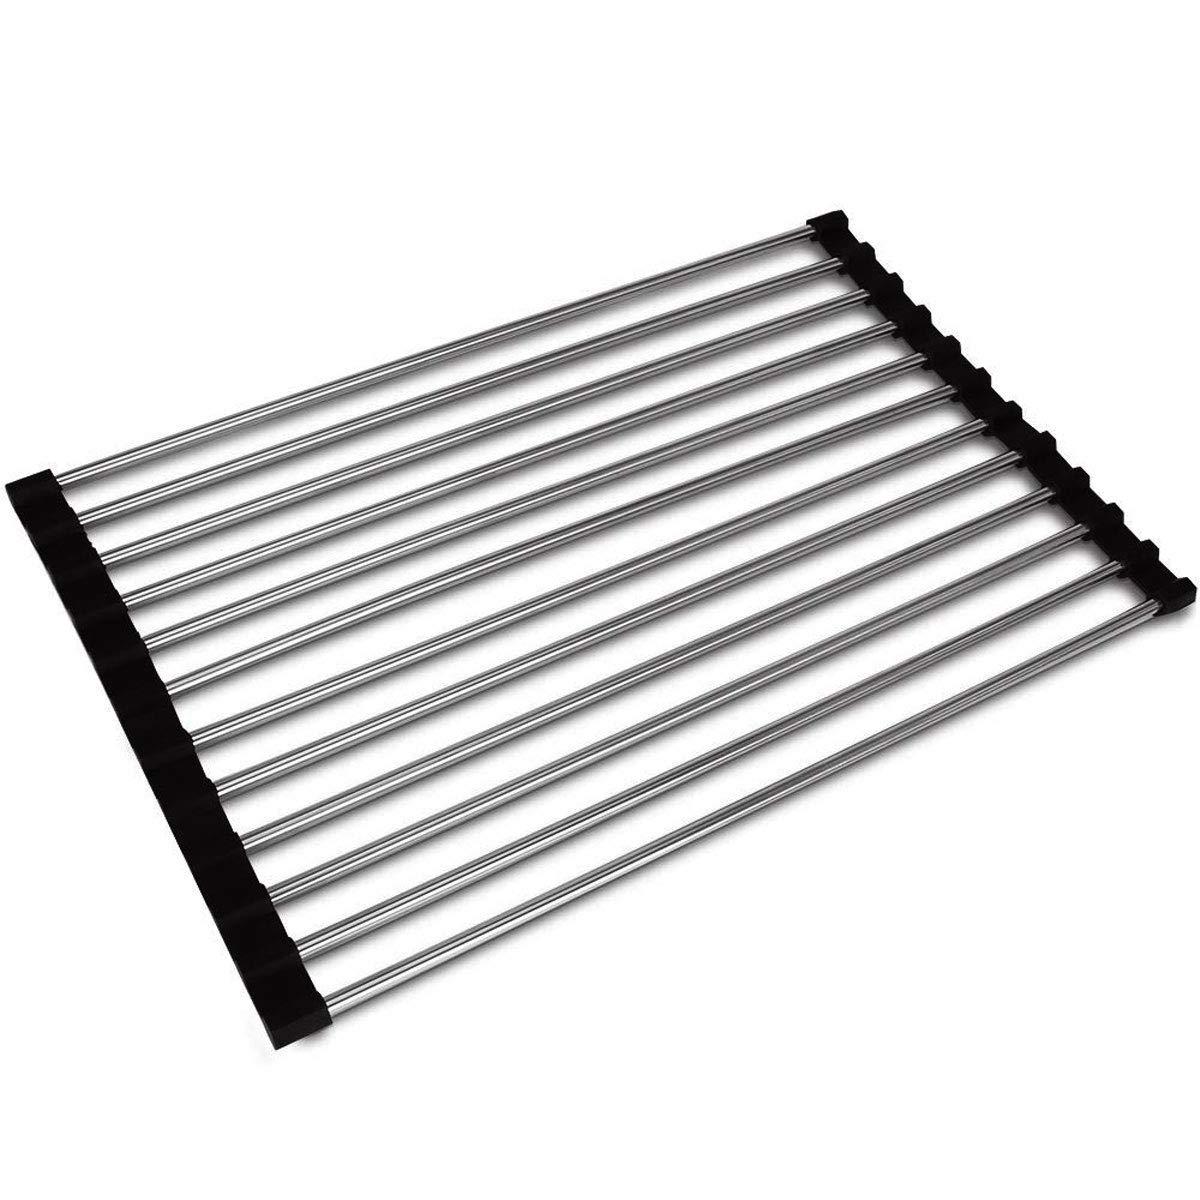 DEBEME Escurreplatos Enrollable Multiusos Plegable de Acero Inoxidable para Fregadero Color Negro escurreplatos de Cocina